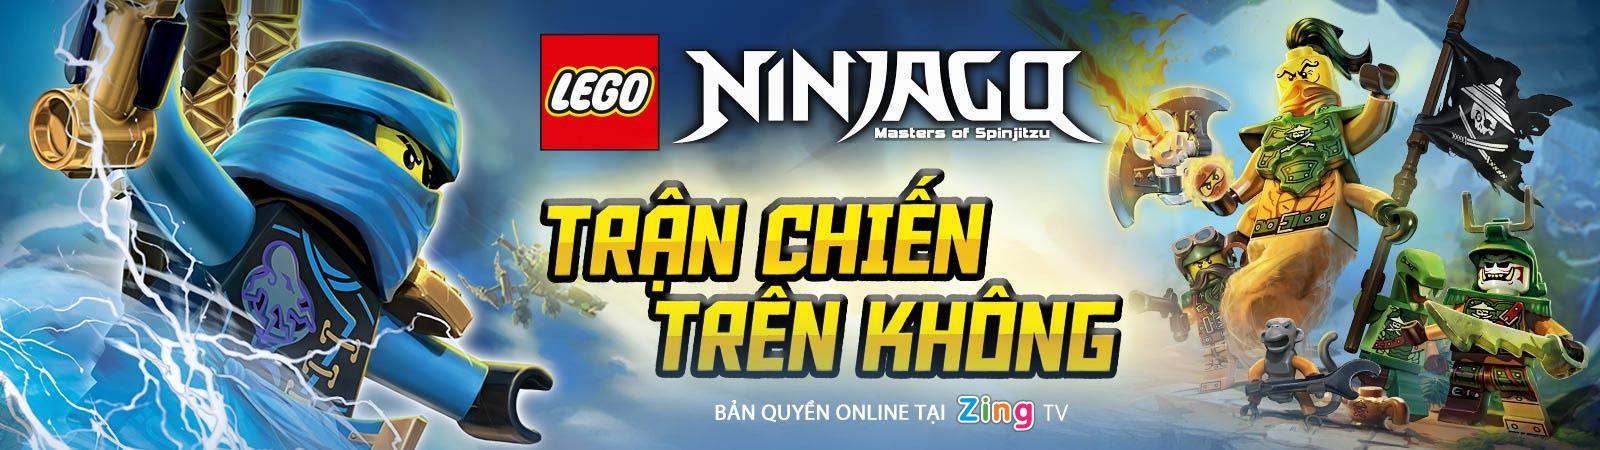 Bí Mật Cơn Lốc Ninjago